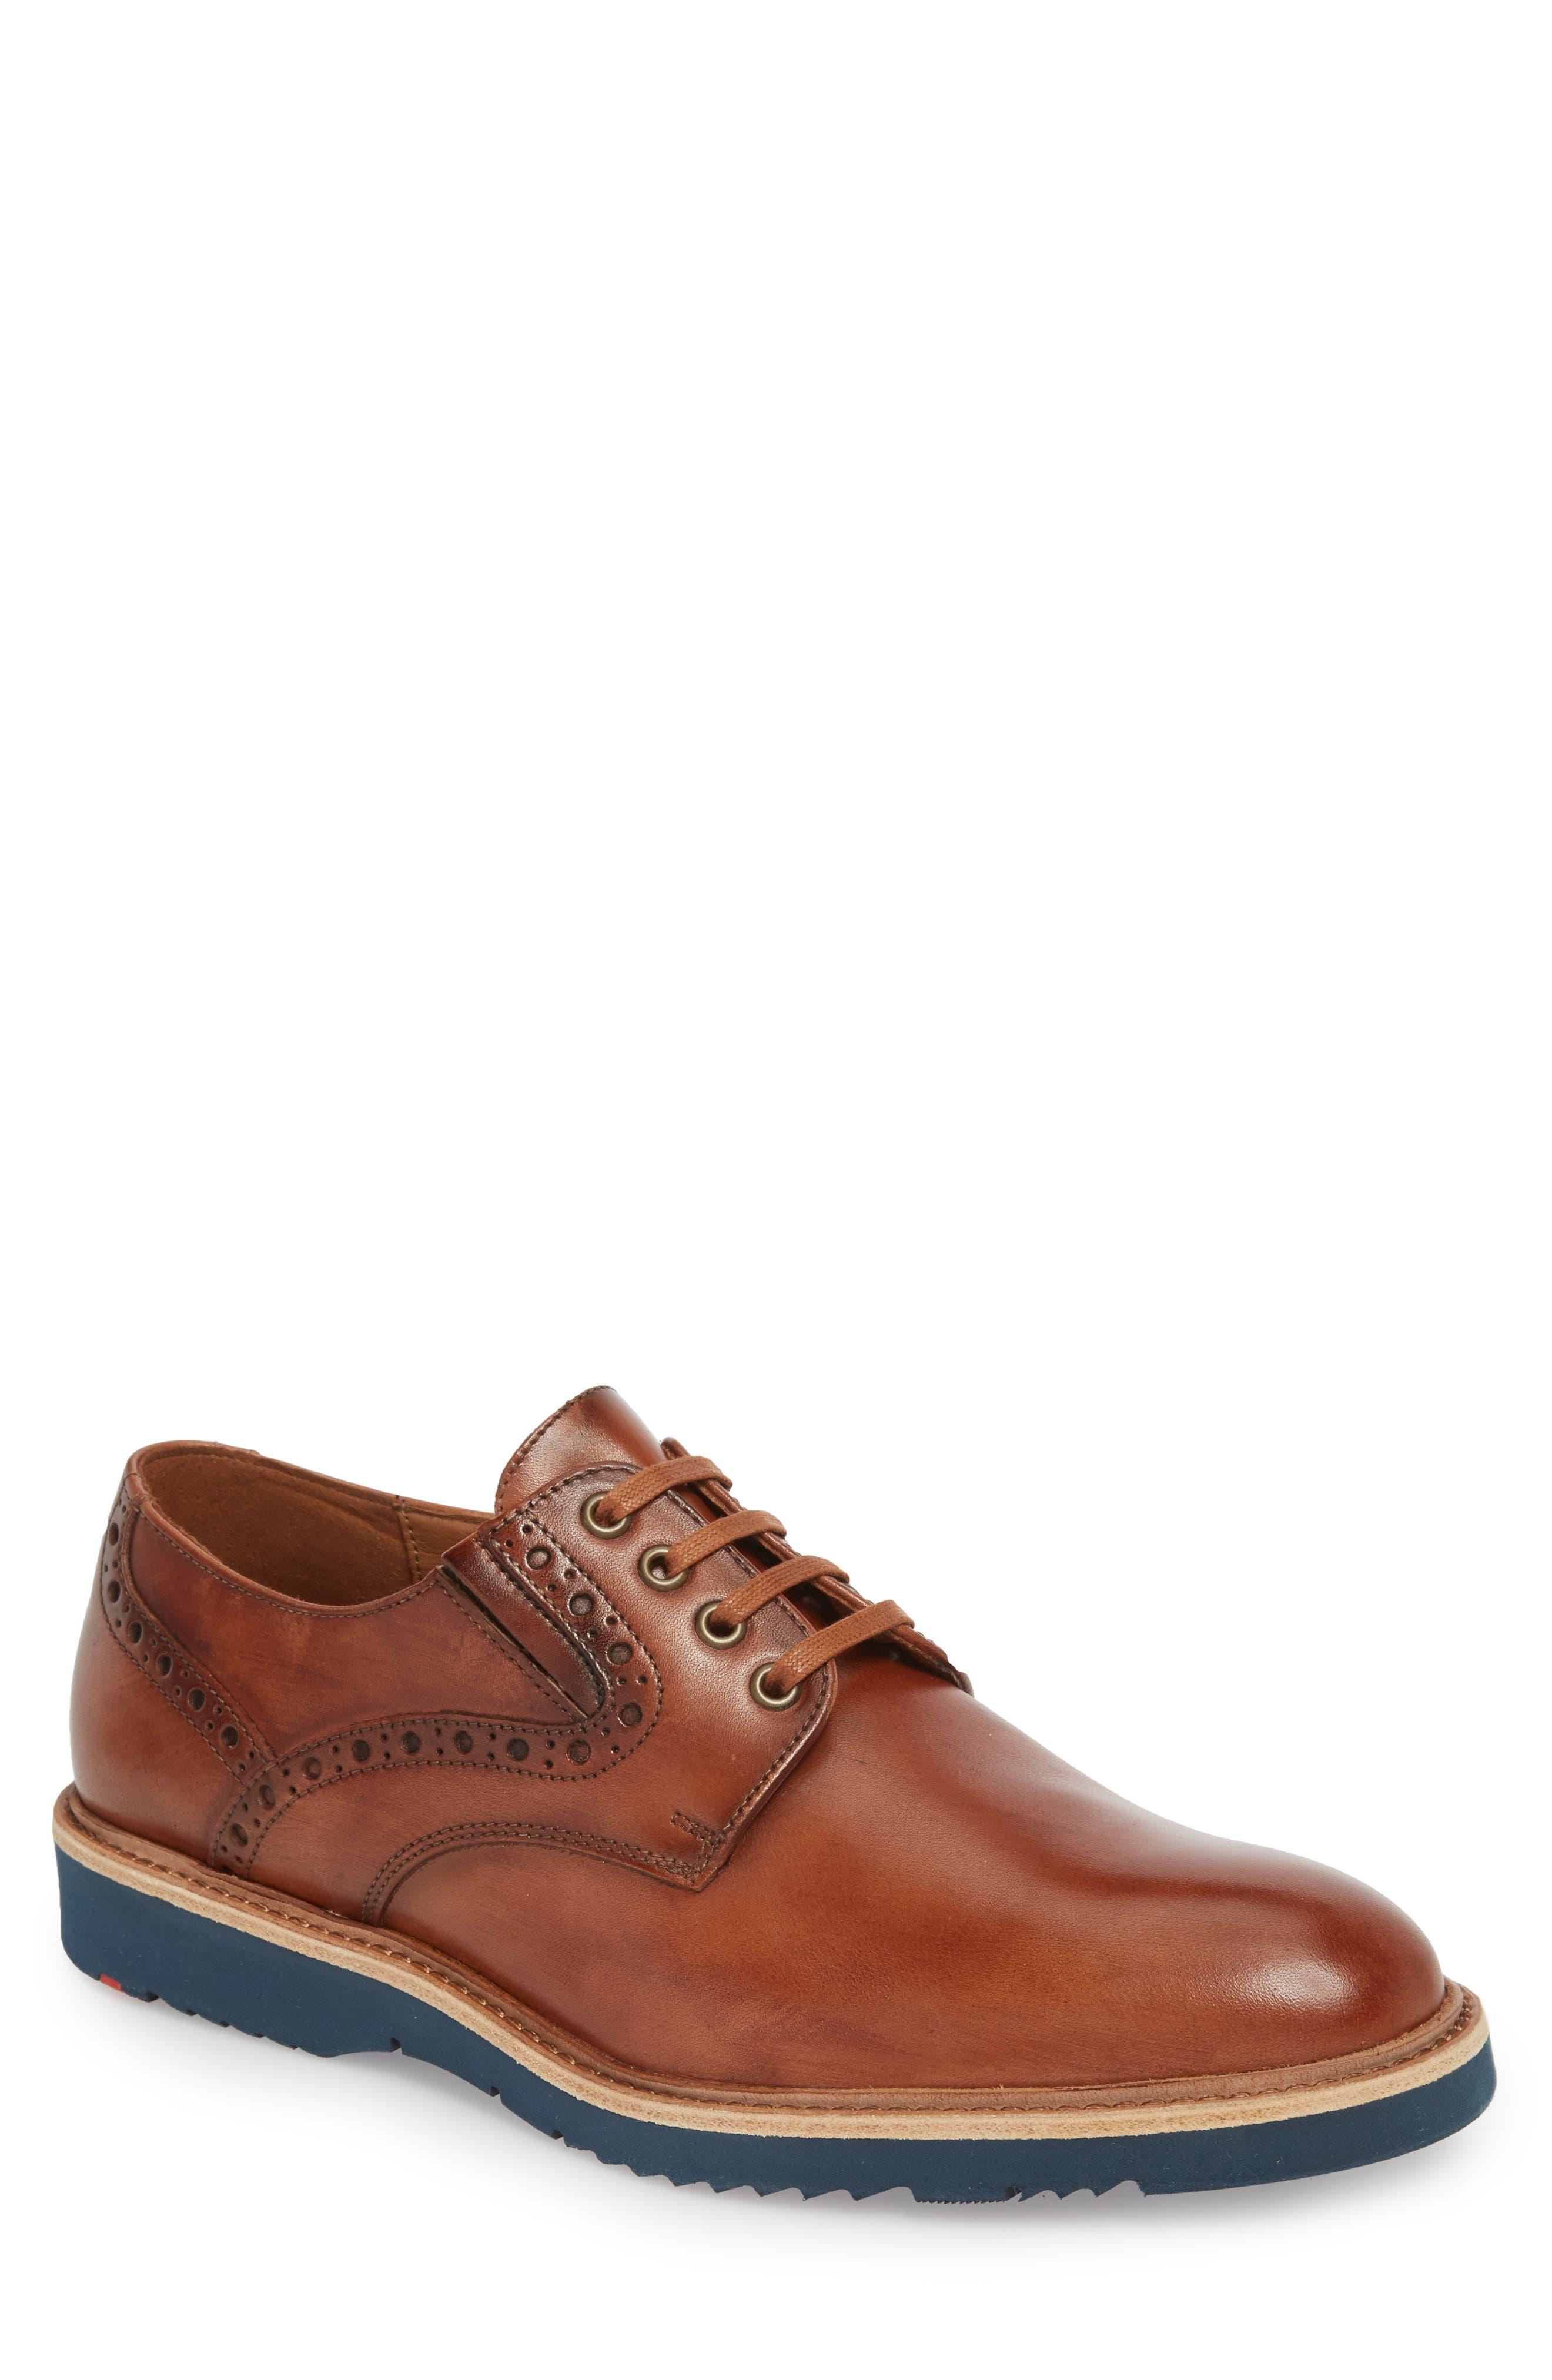 Kandy Plain Toe Derby,                         Main,                         color, Cognac Leather